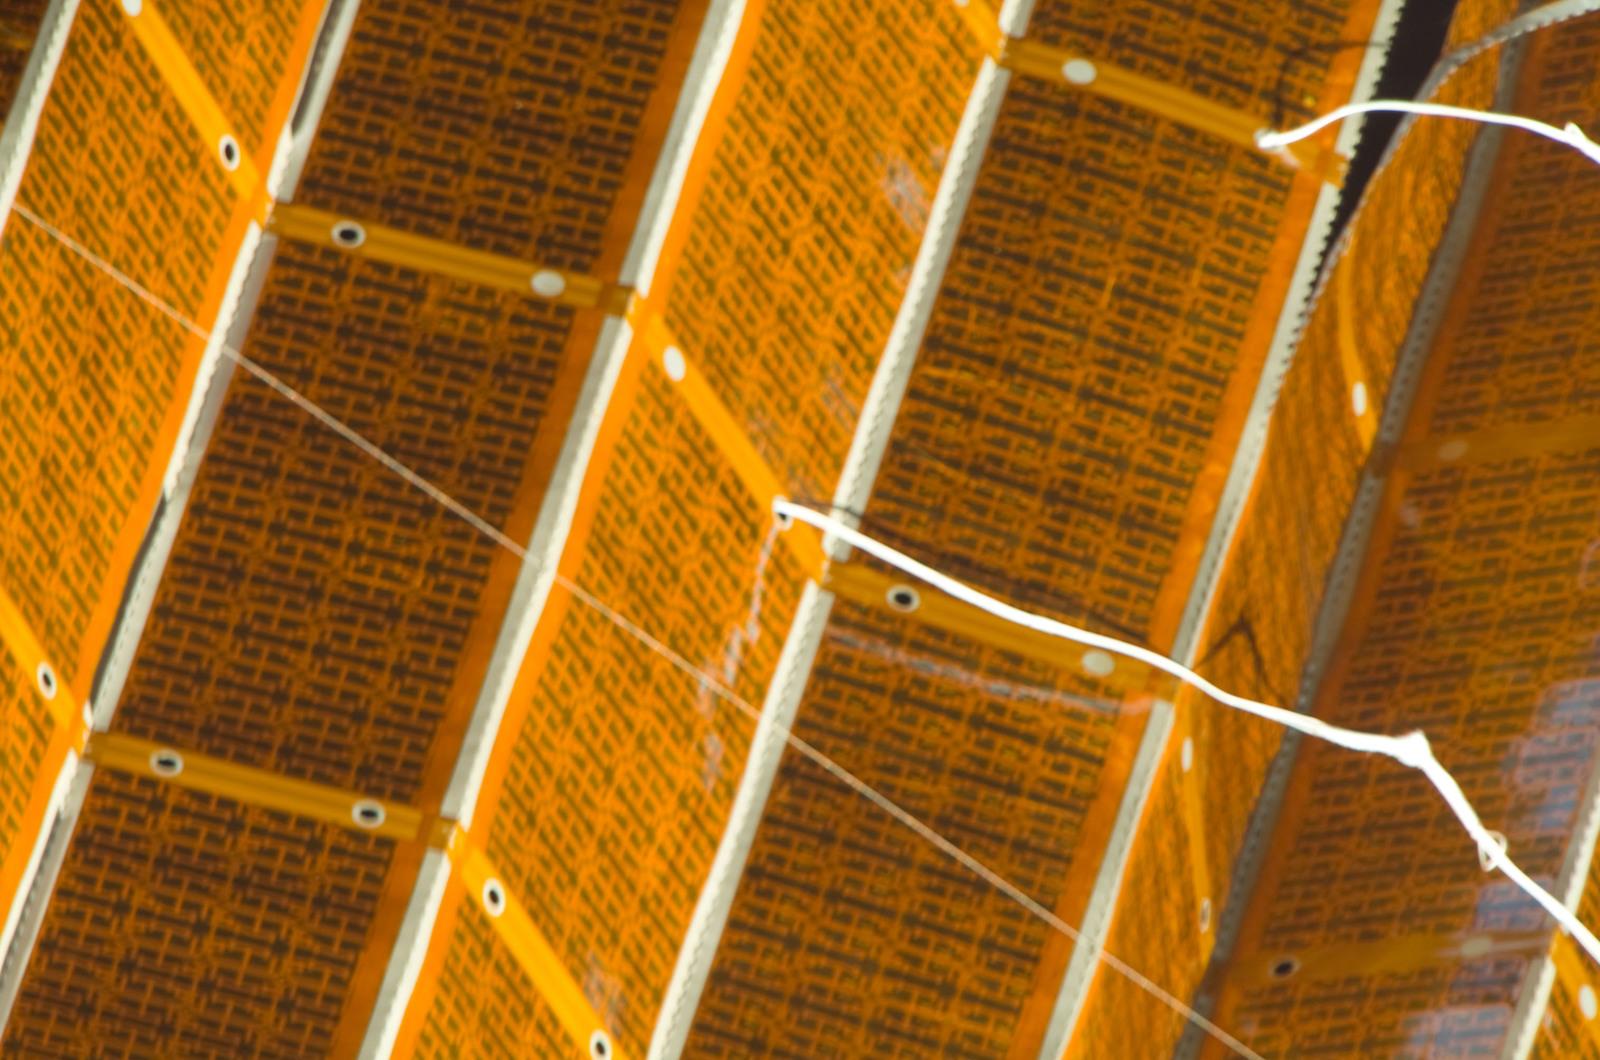 S120E008421 - STS-120 - EVA 4 - P6 4B solar array